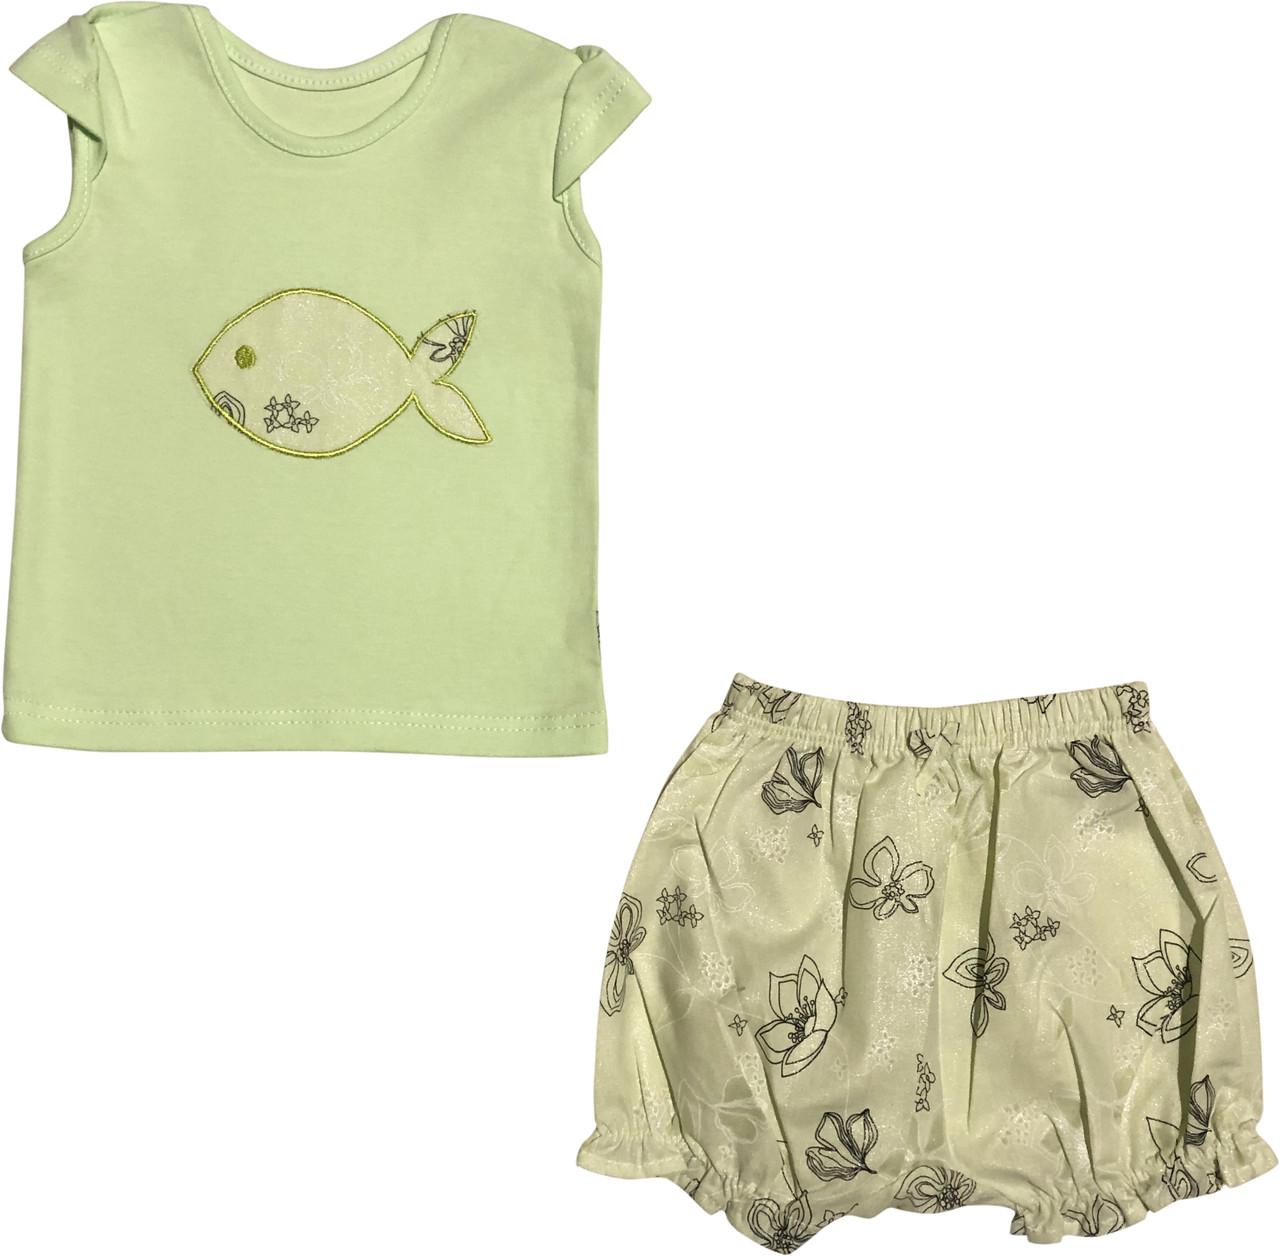 Літній костюм на дівчинку ріст 68 3-6 міс для новонароджених комплект футболка і шорти дитячий літо салатовий